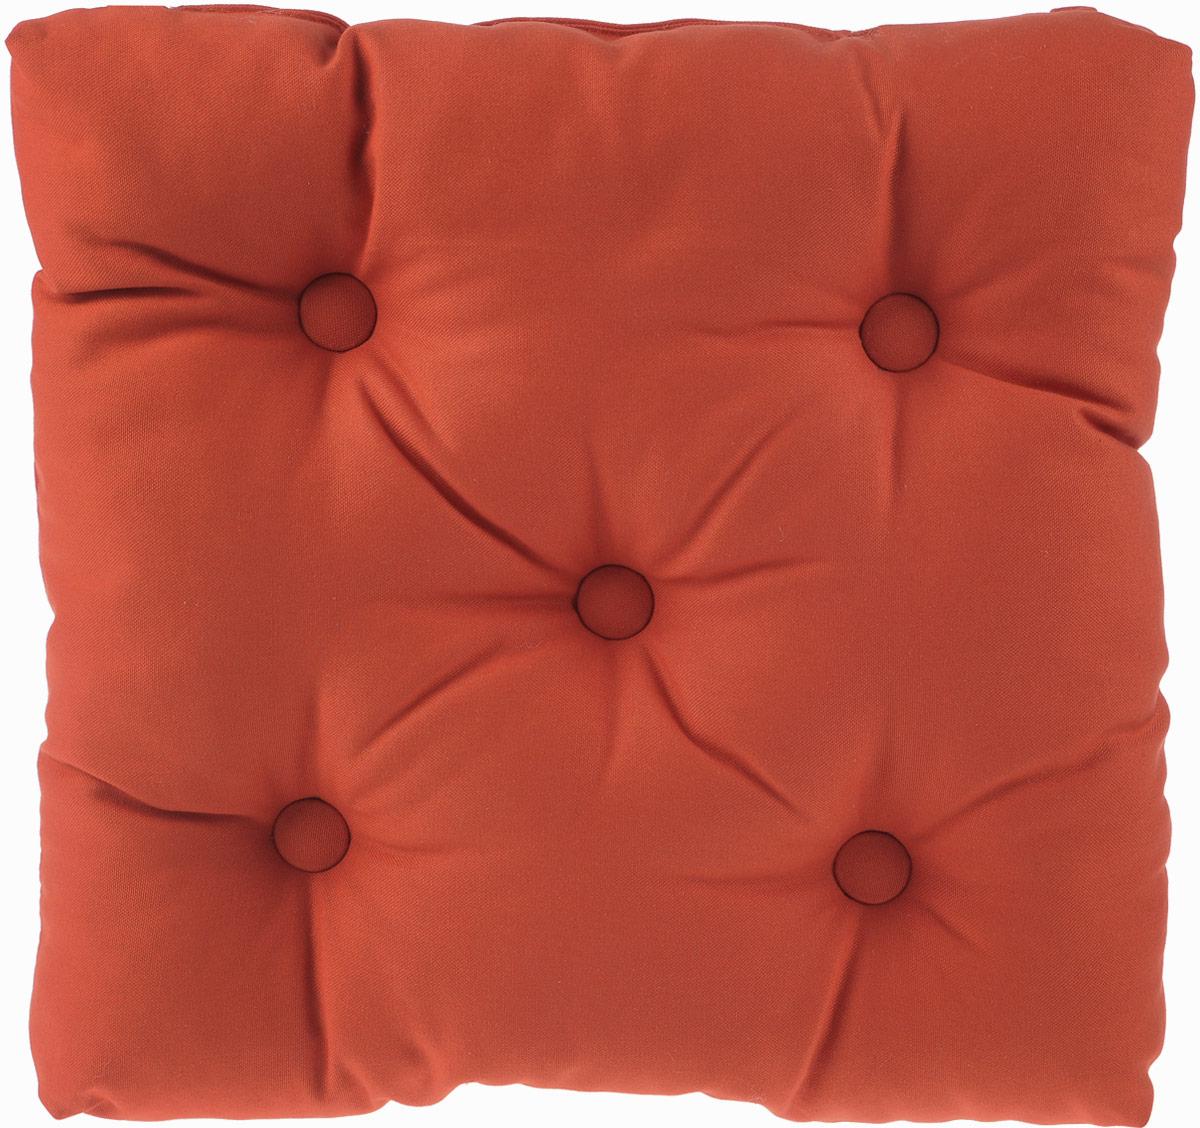 Подушка на стул KauffOrt Комо, цвет: темно-оранжевый, 40 x 40 смVT-1520(SR)Подушка на стул KauffOrt Комо не только красиво дополнит интерьер кухни, но и обеспечит комфорт при сидении. Чехол выполнен из хлопка, а наполнитель из холлофайбера. Подушка легко крепится на стул с помощью завязок. Правильно сидеть - значит сохранить здоровье на долгие годы. Жесткие сидения подвергают наше здоровье опасности. Подушка с мягким наполнителем поможет предотвратить большинство нежелательных последствий сидячего образа жизни.Толщина подушки: 10 см.